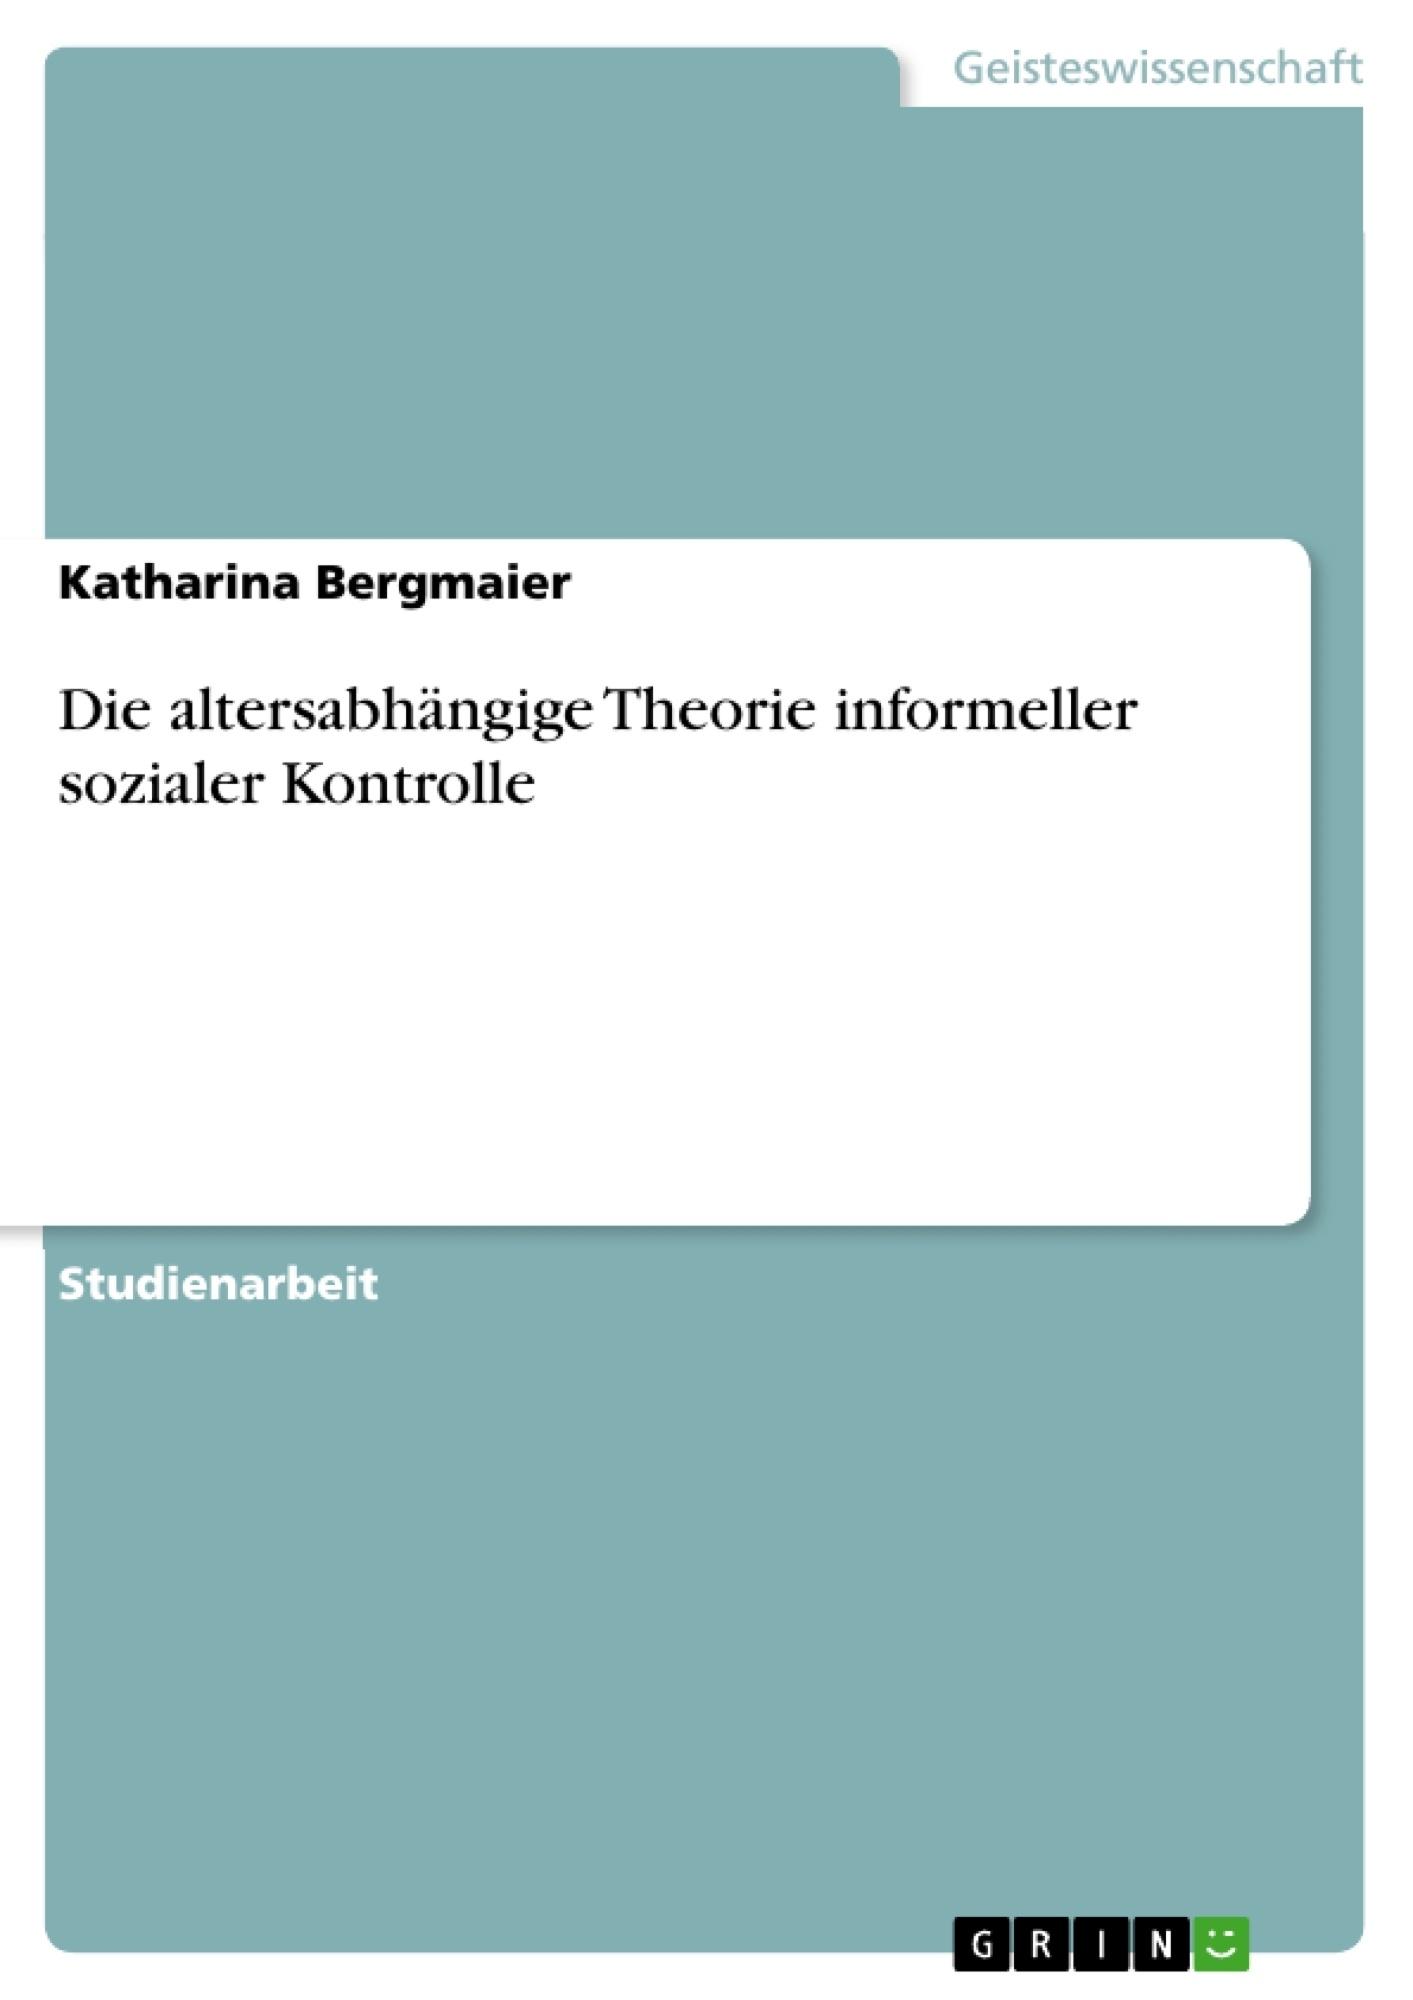 Titel: Die altersabhängige Theorie informeller sozialer Kontrolle